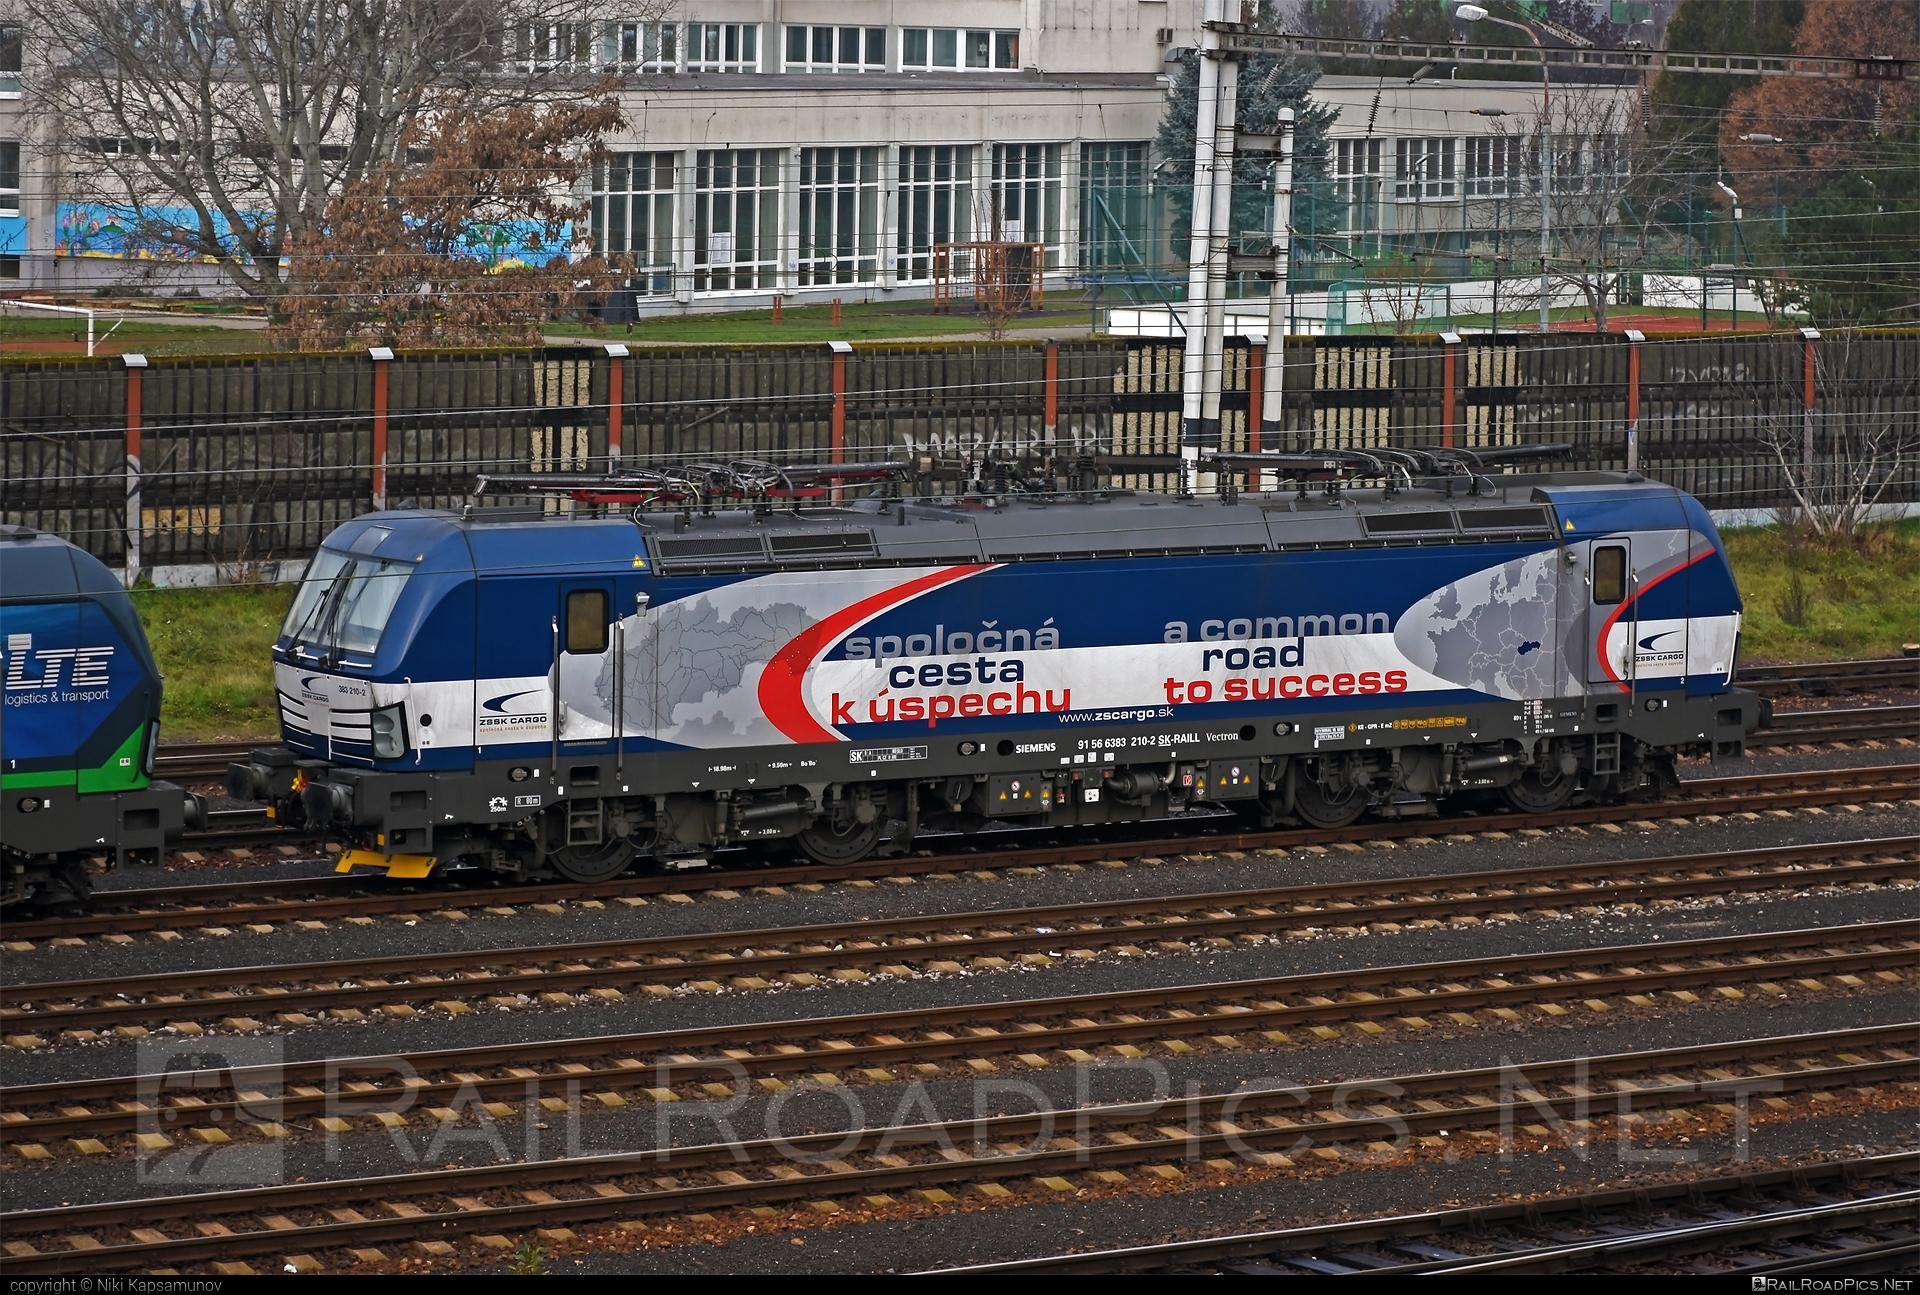 Siemens Vectron MS - 383 210-2 operated by Železničná Spoločnost' Cargo Slovakia a.s. #RollingStockLease #RollingStockLeaseSro #ZeleznicnaSpolocnostCargoSlovakia #raill #siemens #siemensvectron #siemensvectronms #vectron #vectronms #zsskcargo